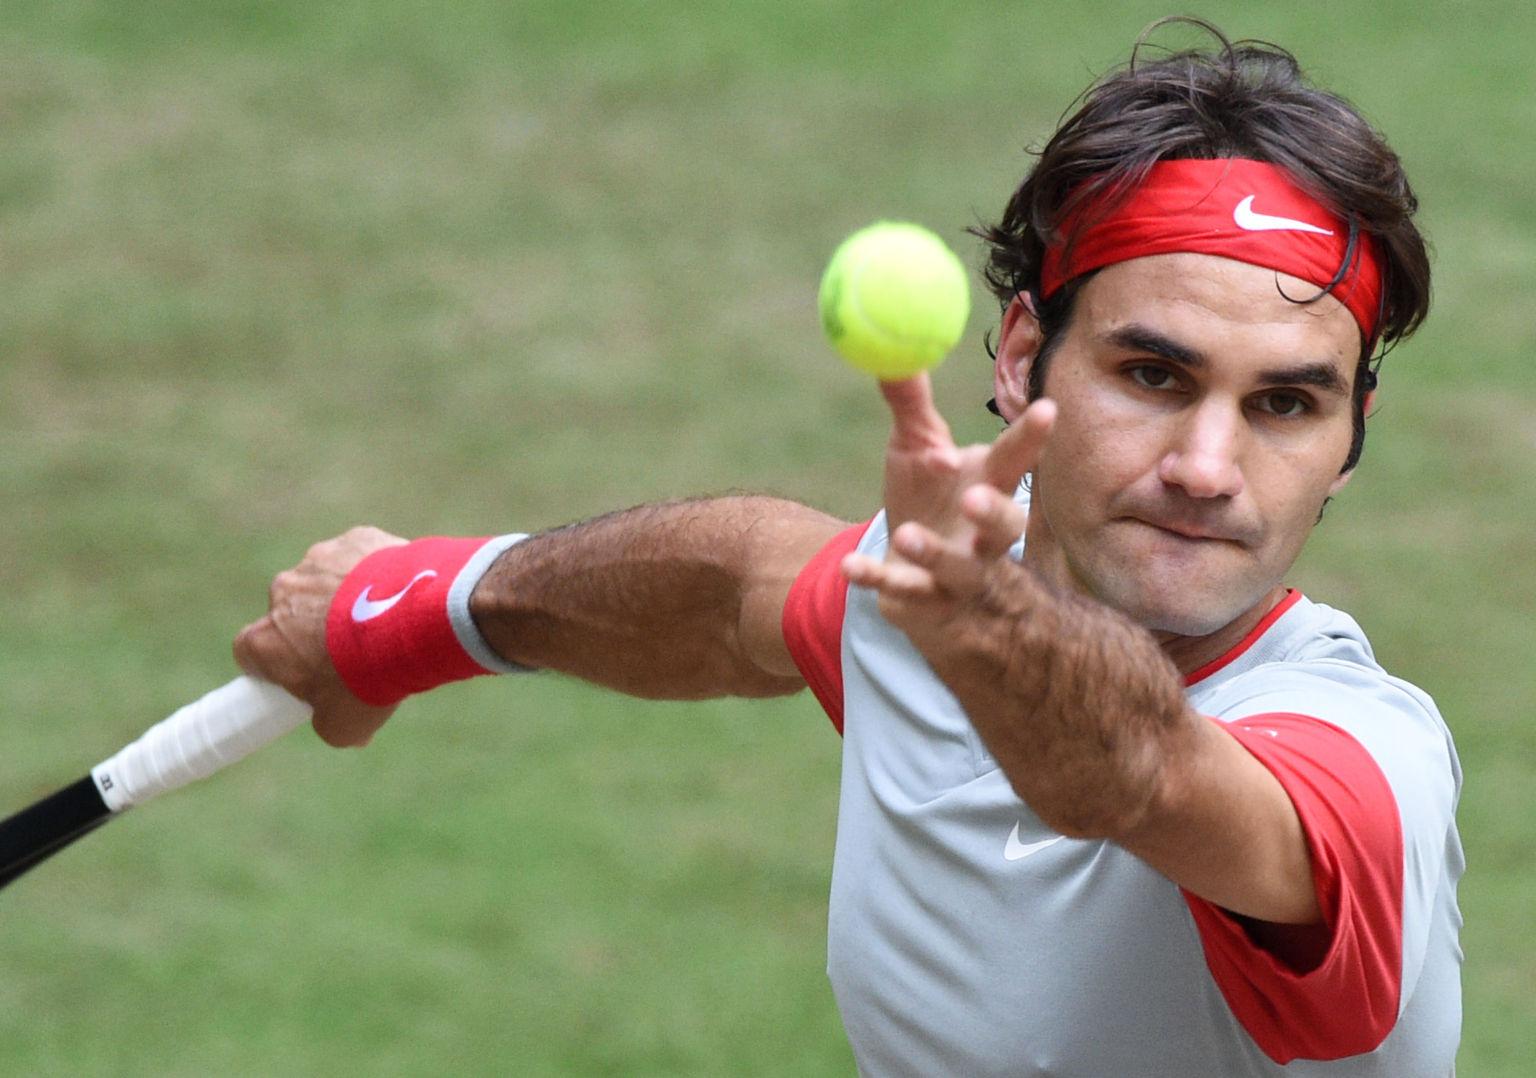 Gerry Weber Tennis